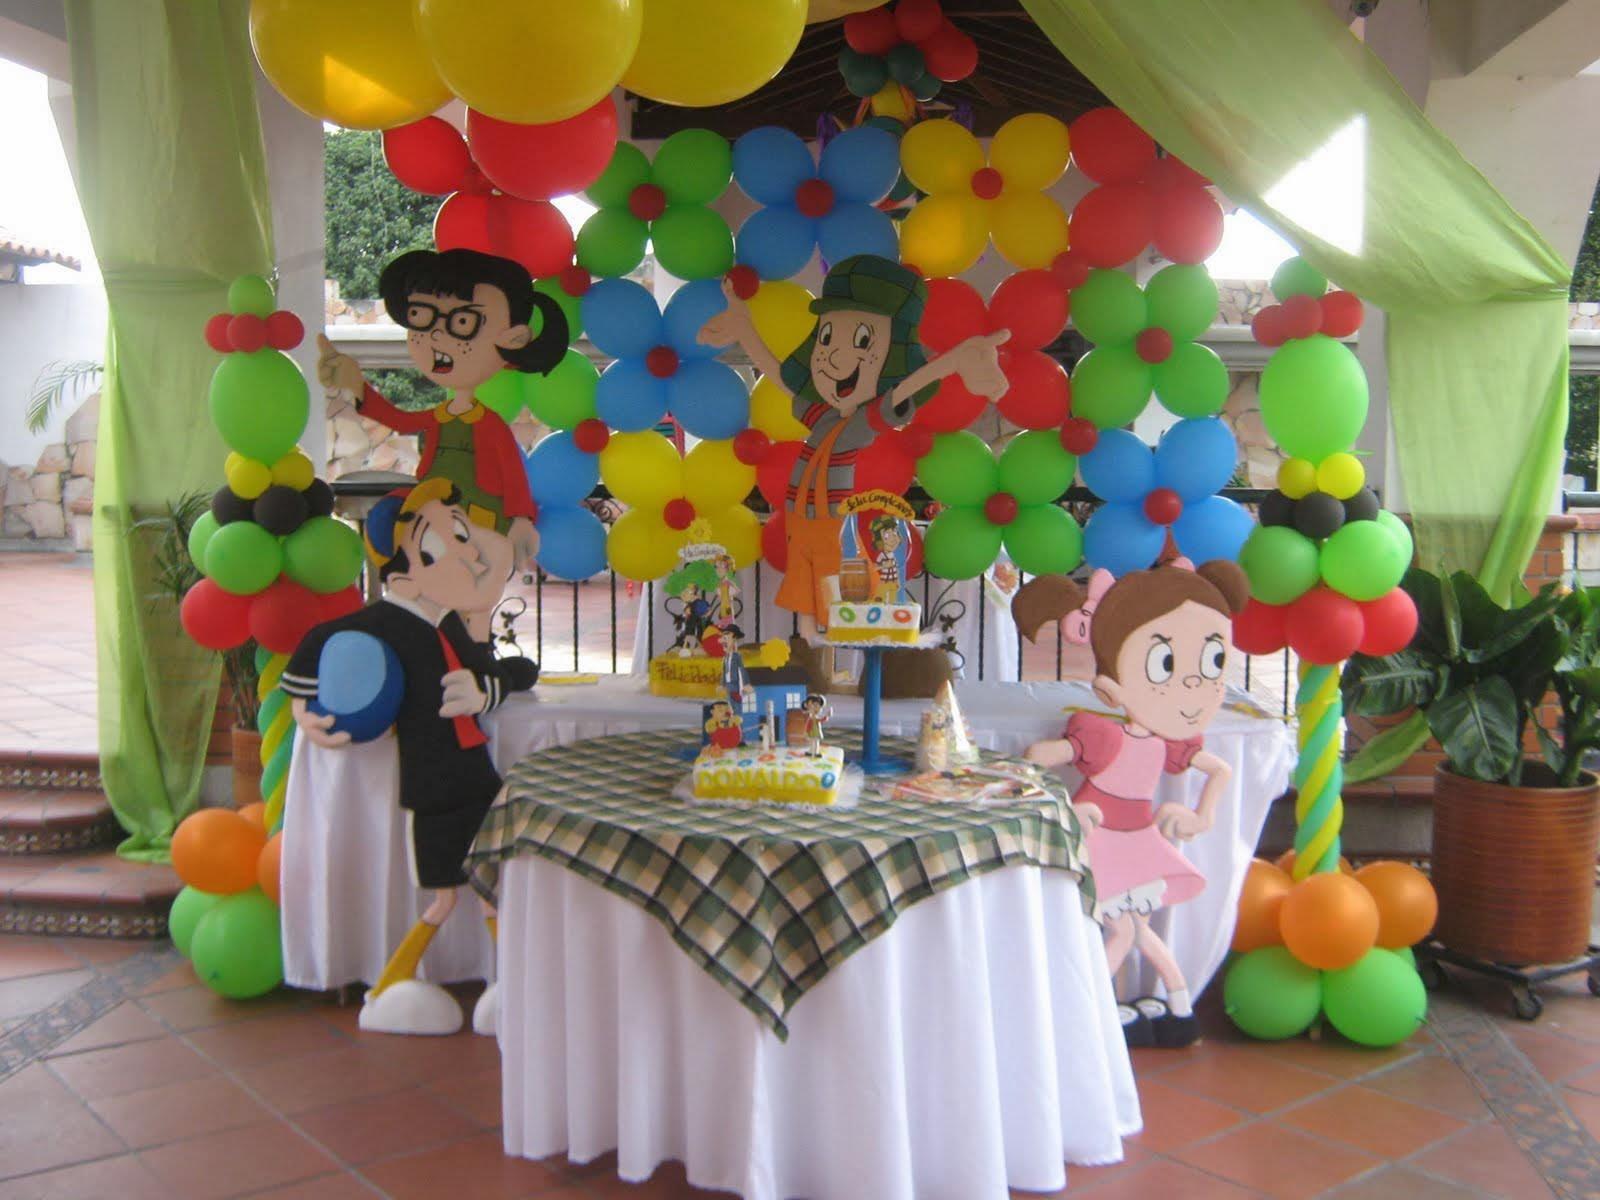 Ideas apara ahorrar al organizar fiesta infantil - Organizar fiesta de cumpleanos adultos ...